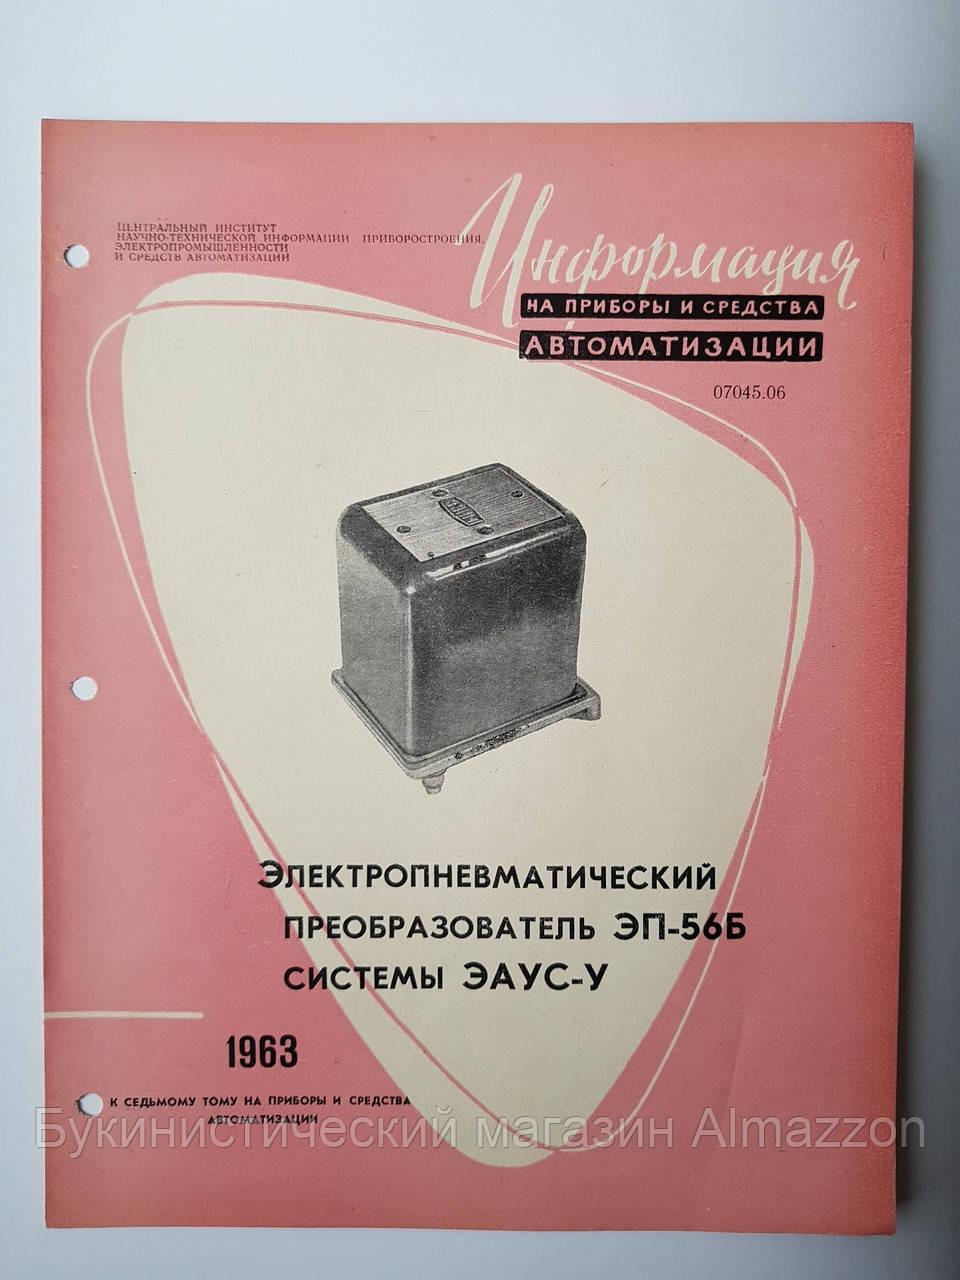 """Журнал (Бюллетень) """"Электропневматический преобразователь ЭП-56Б системы ЭАУС-У 07045.06"""" 1963г."""